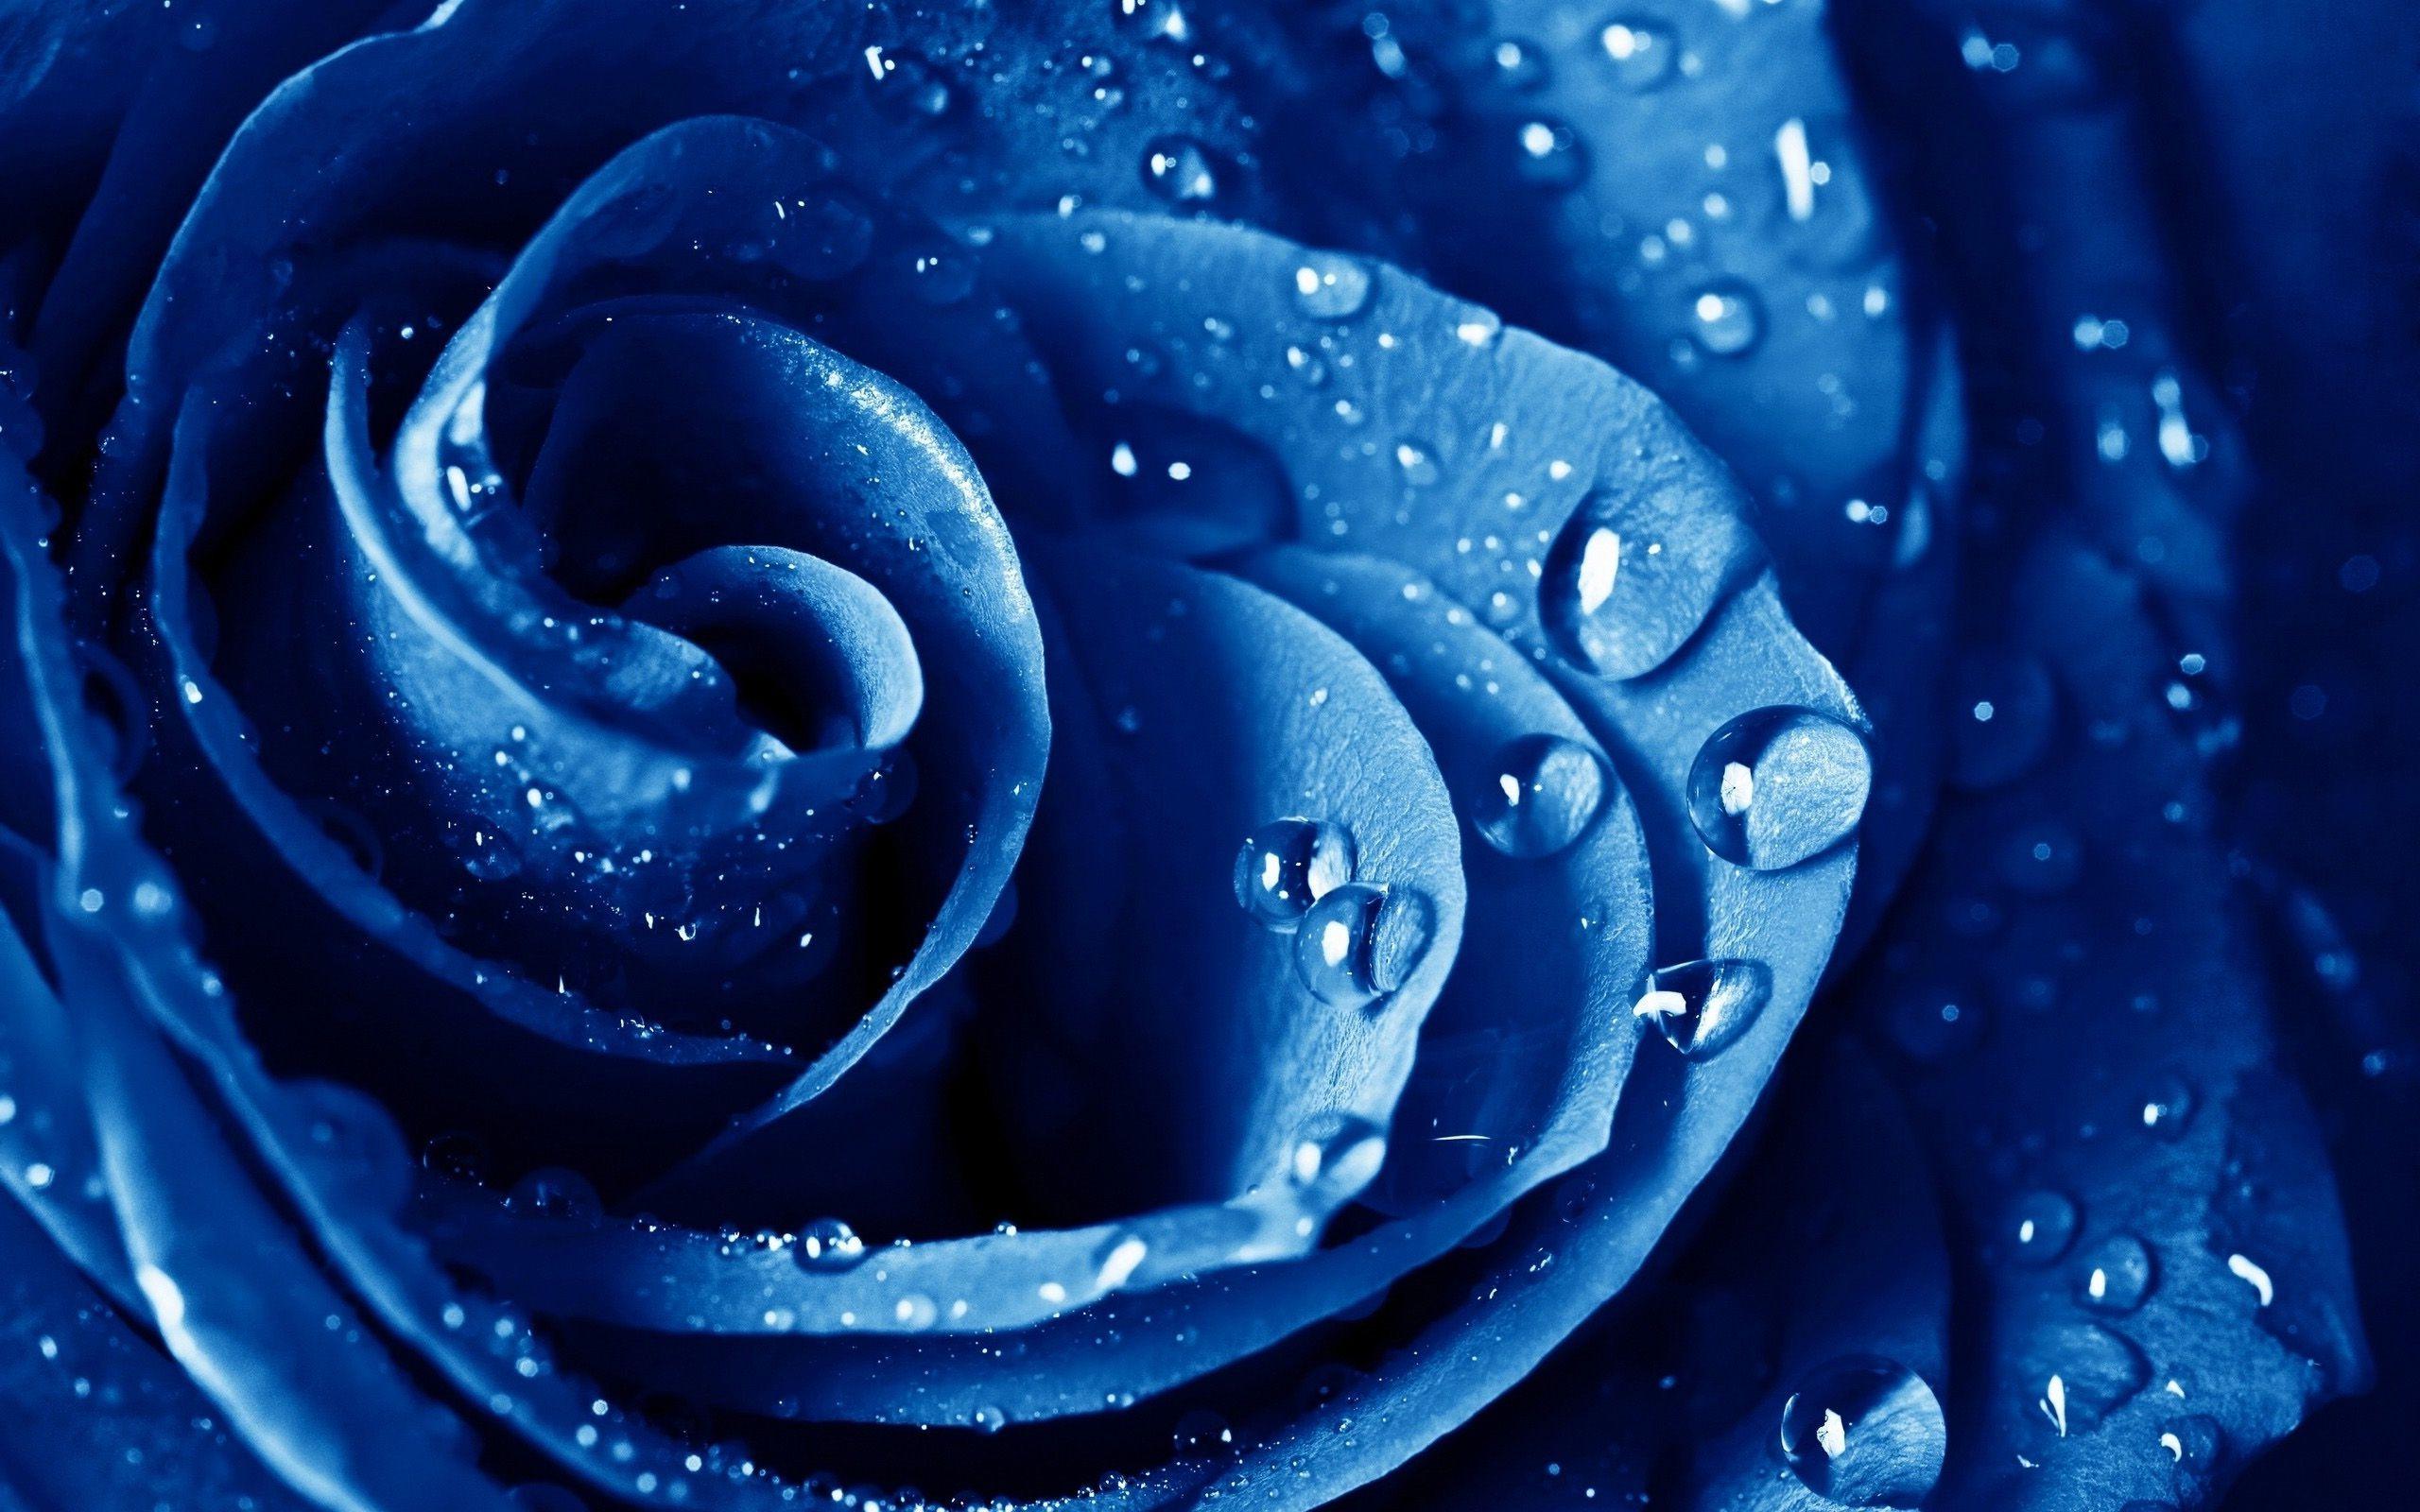 Синие цветы с названиями - Фото цветов 26